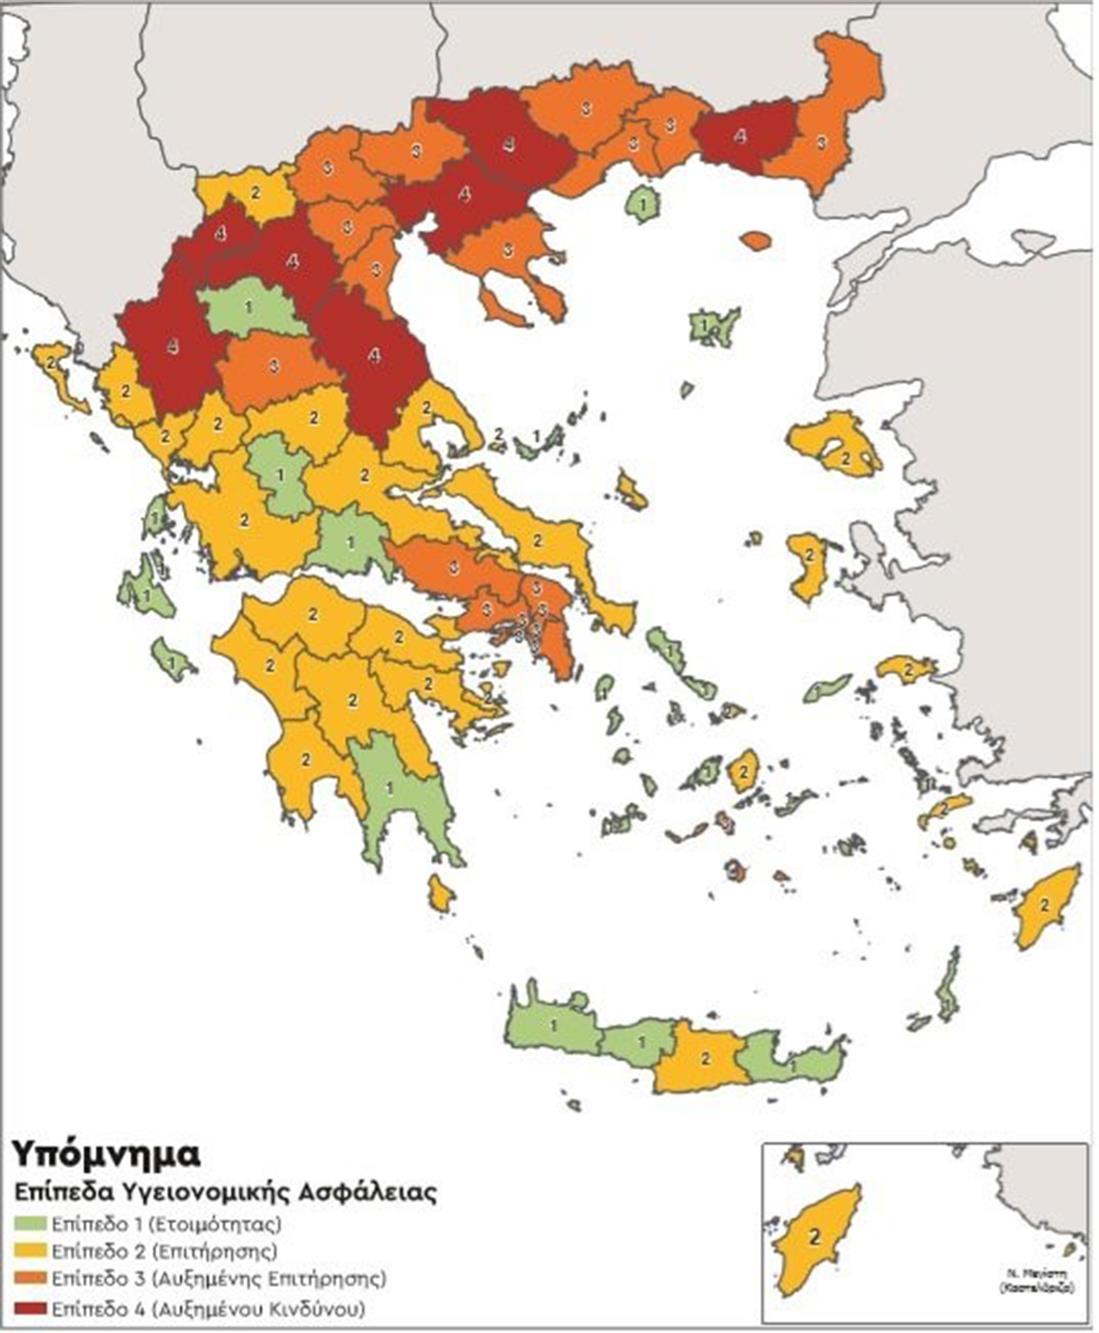 Χάρτης Υγειονομικής Ασφάλειας και Προστασίας